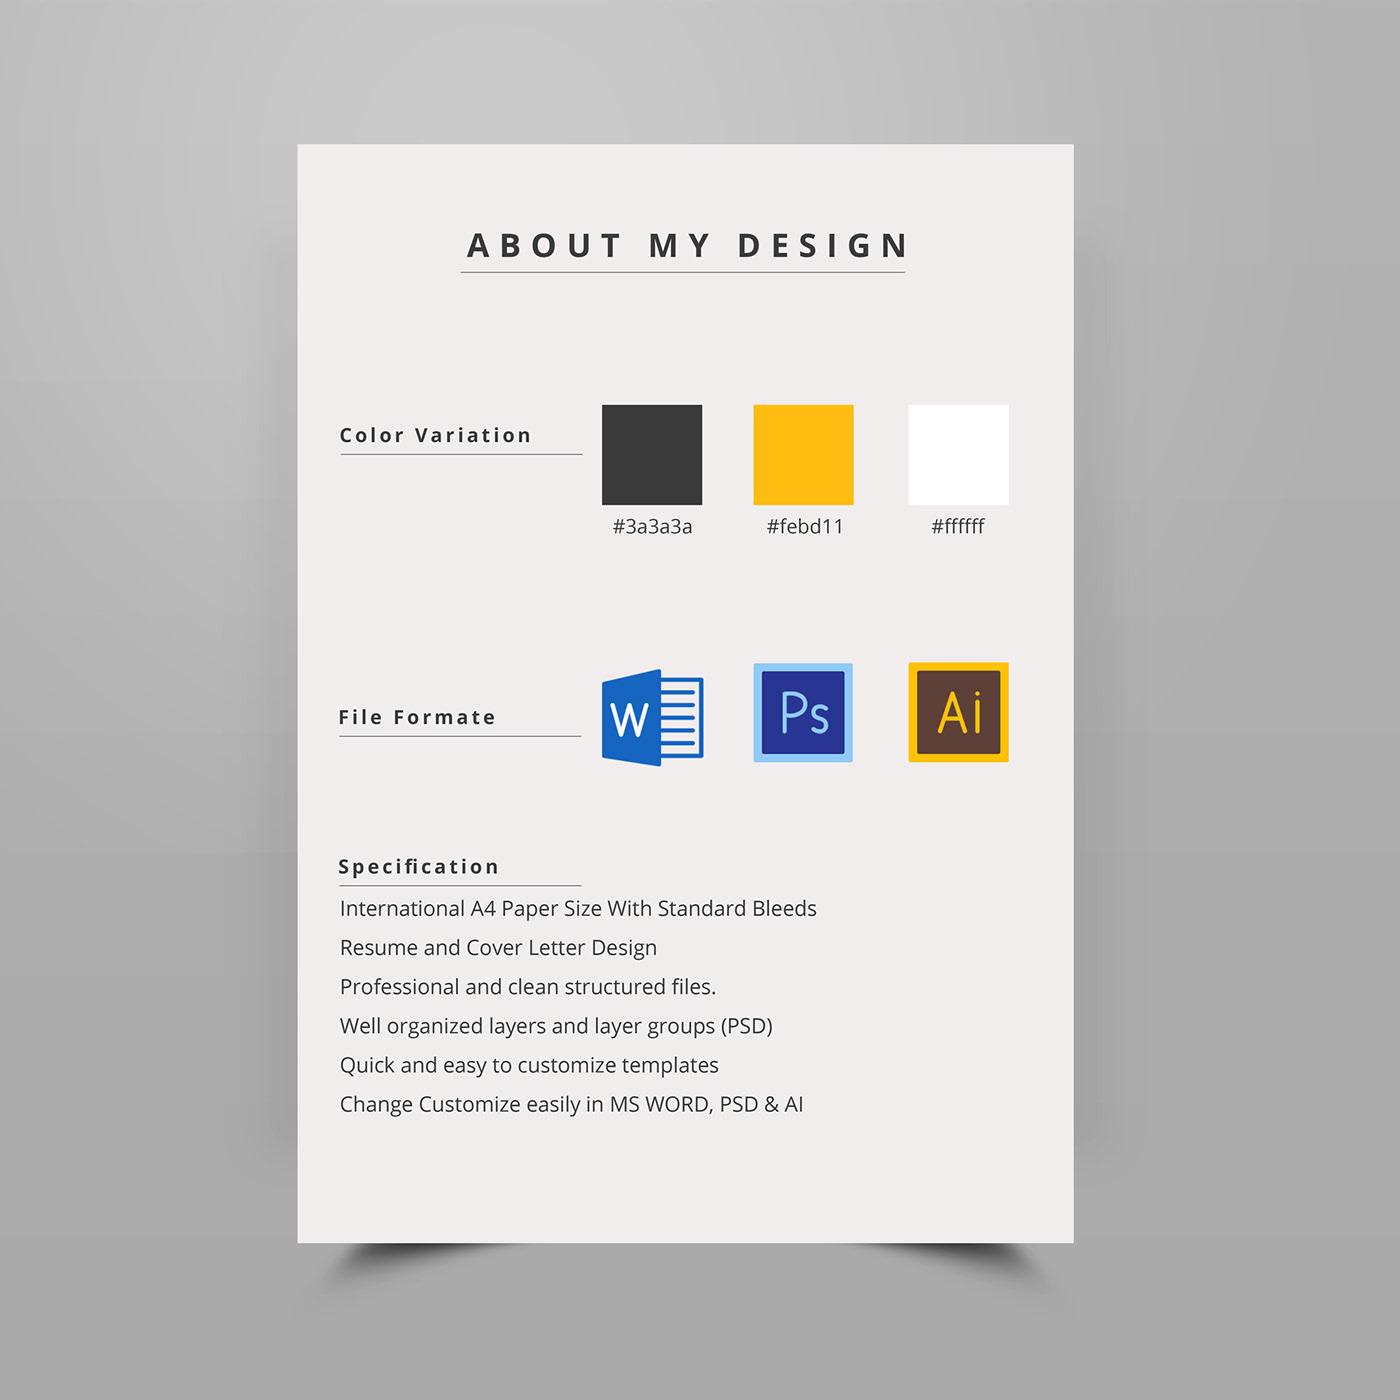 Image may contain: print and screenshot